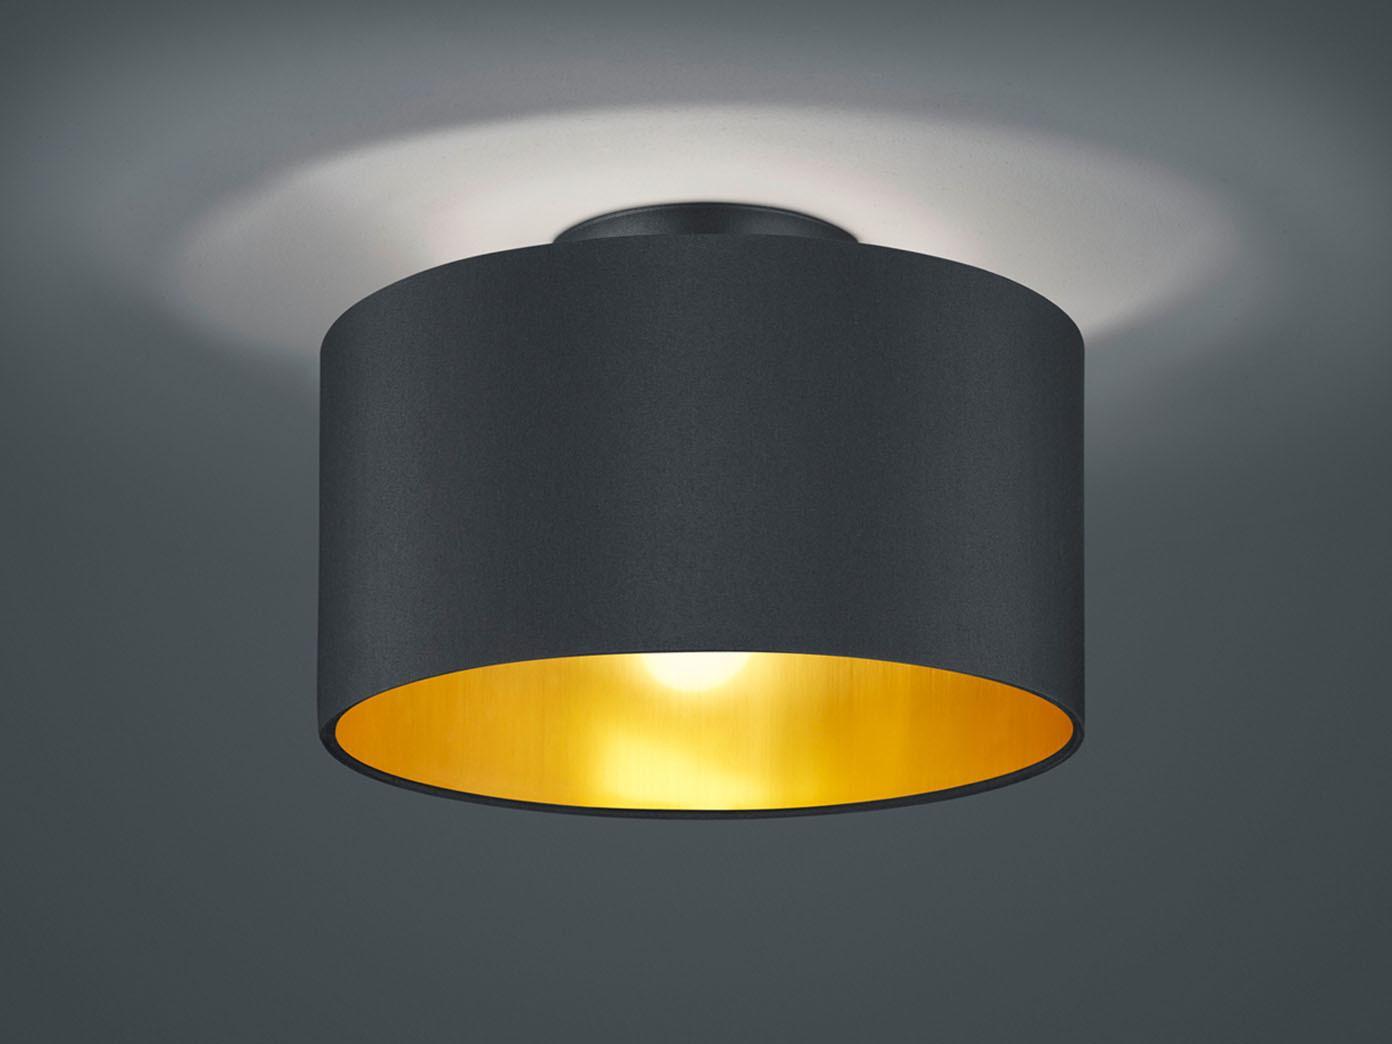 Wohnzimmer Deckenlampe Dimmbar